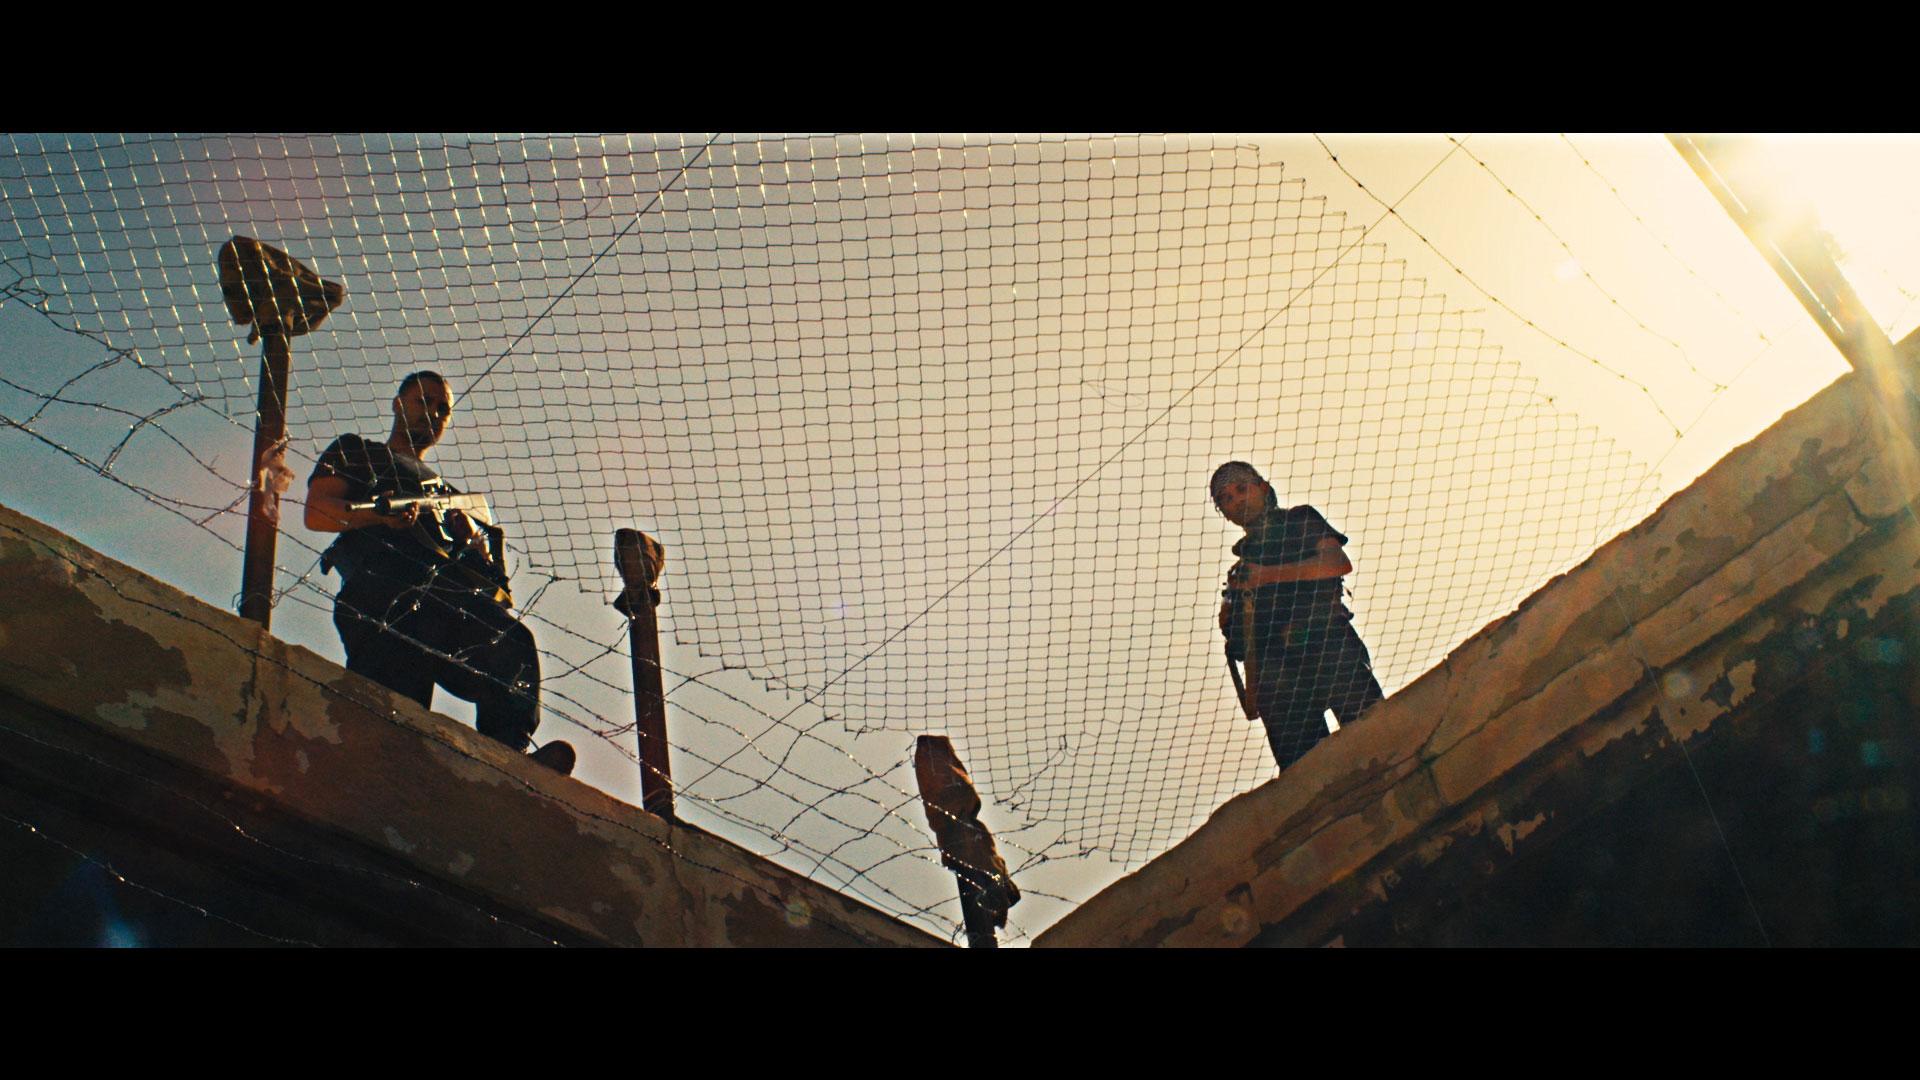 Мы должны гордиться этими людьми: Перенджиев о героях фильма «Шугалей-2»